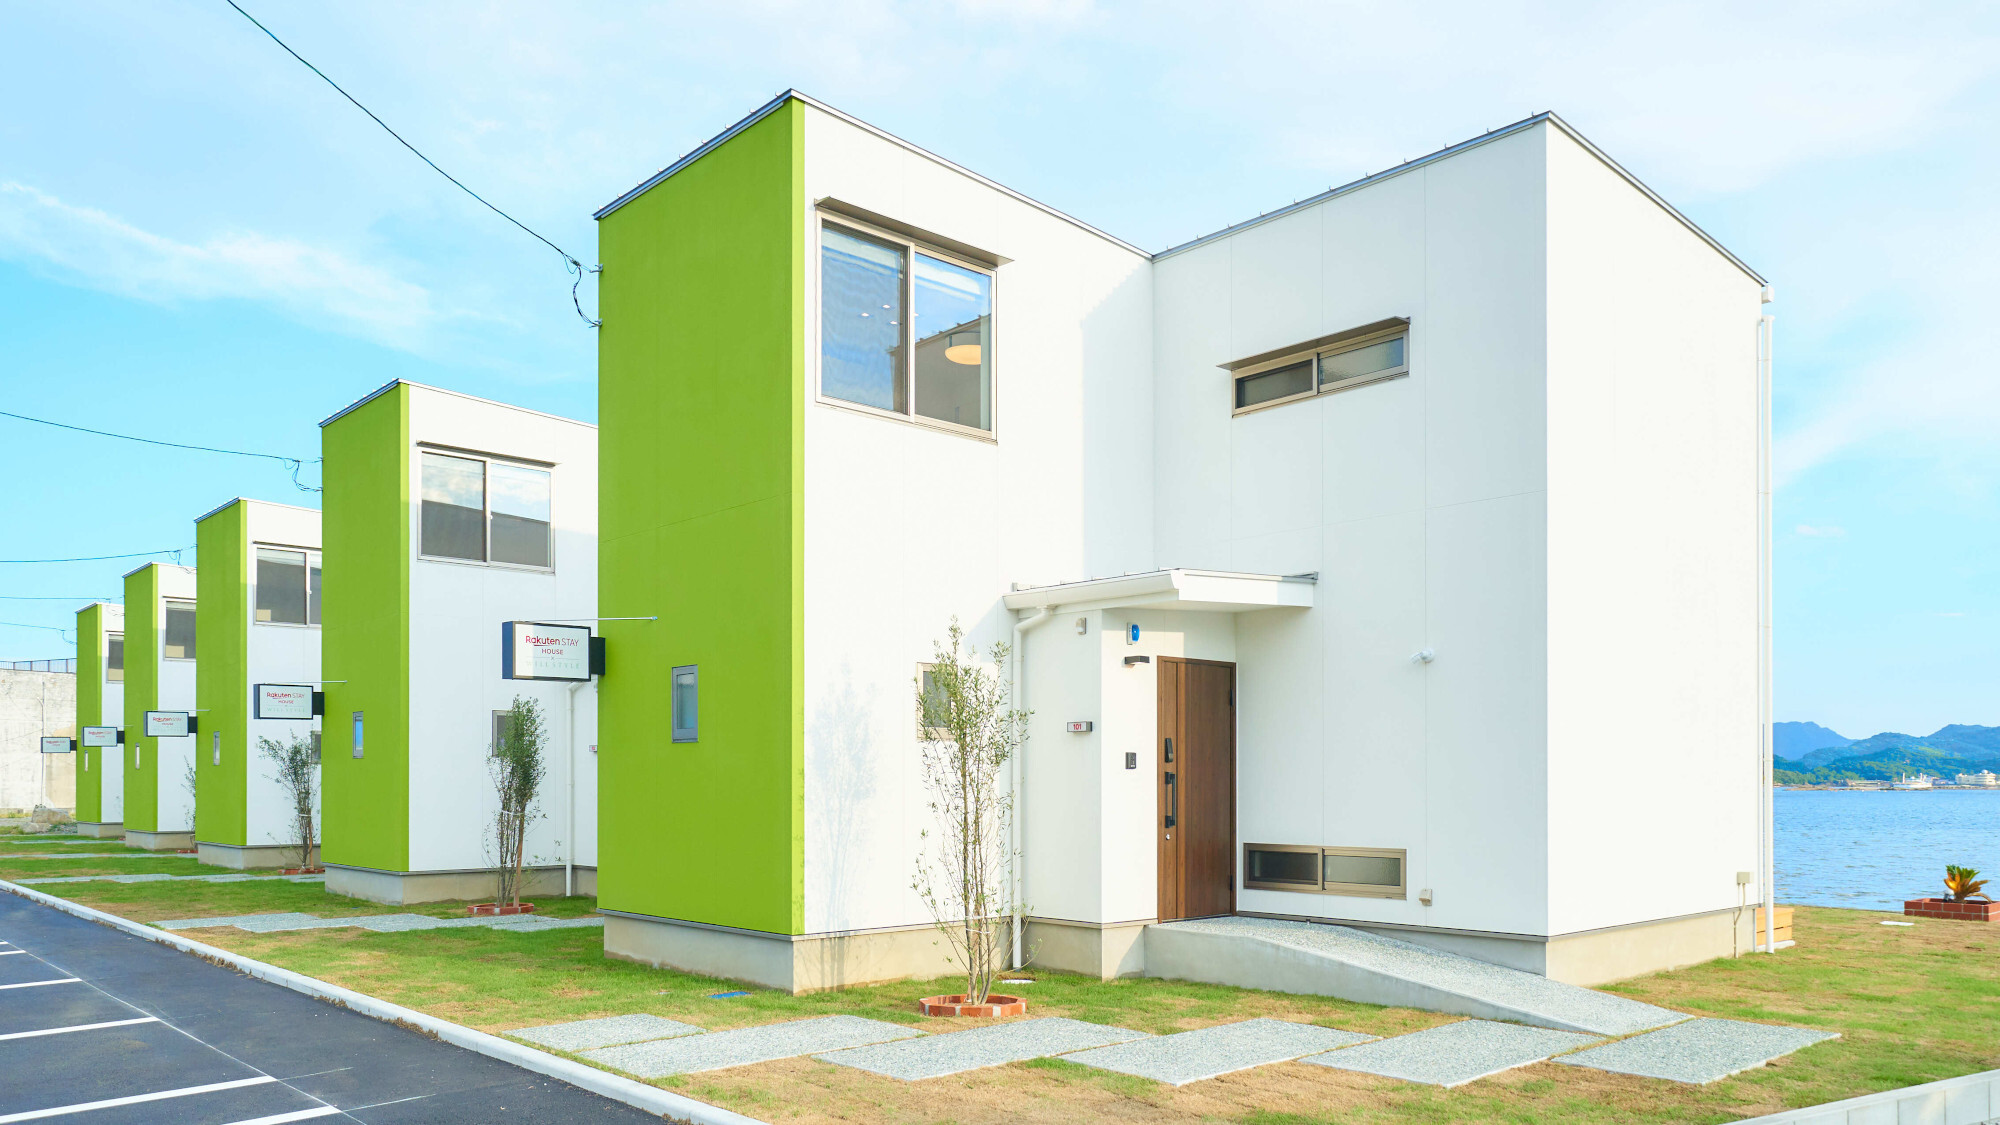 楽天 ステイ ハウス トップページ Rakuten STAY HOUSE